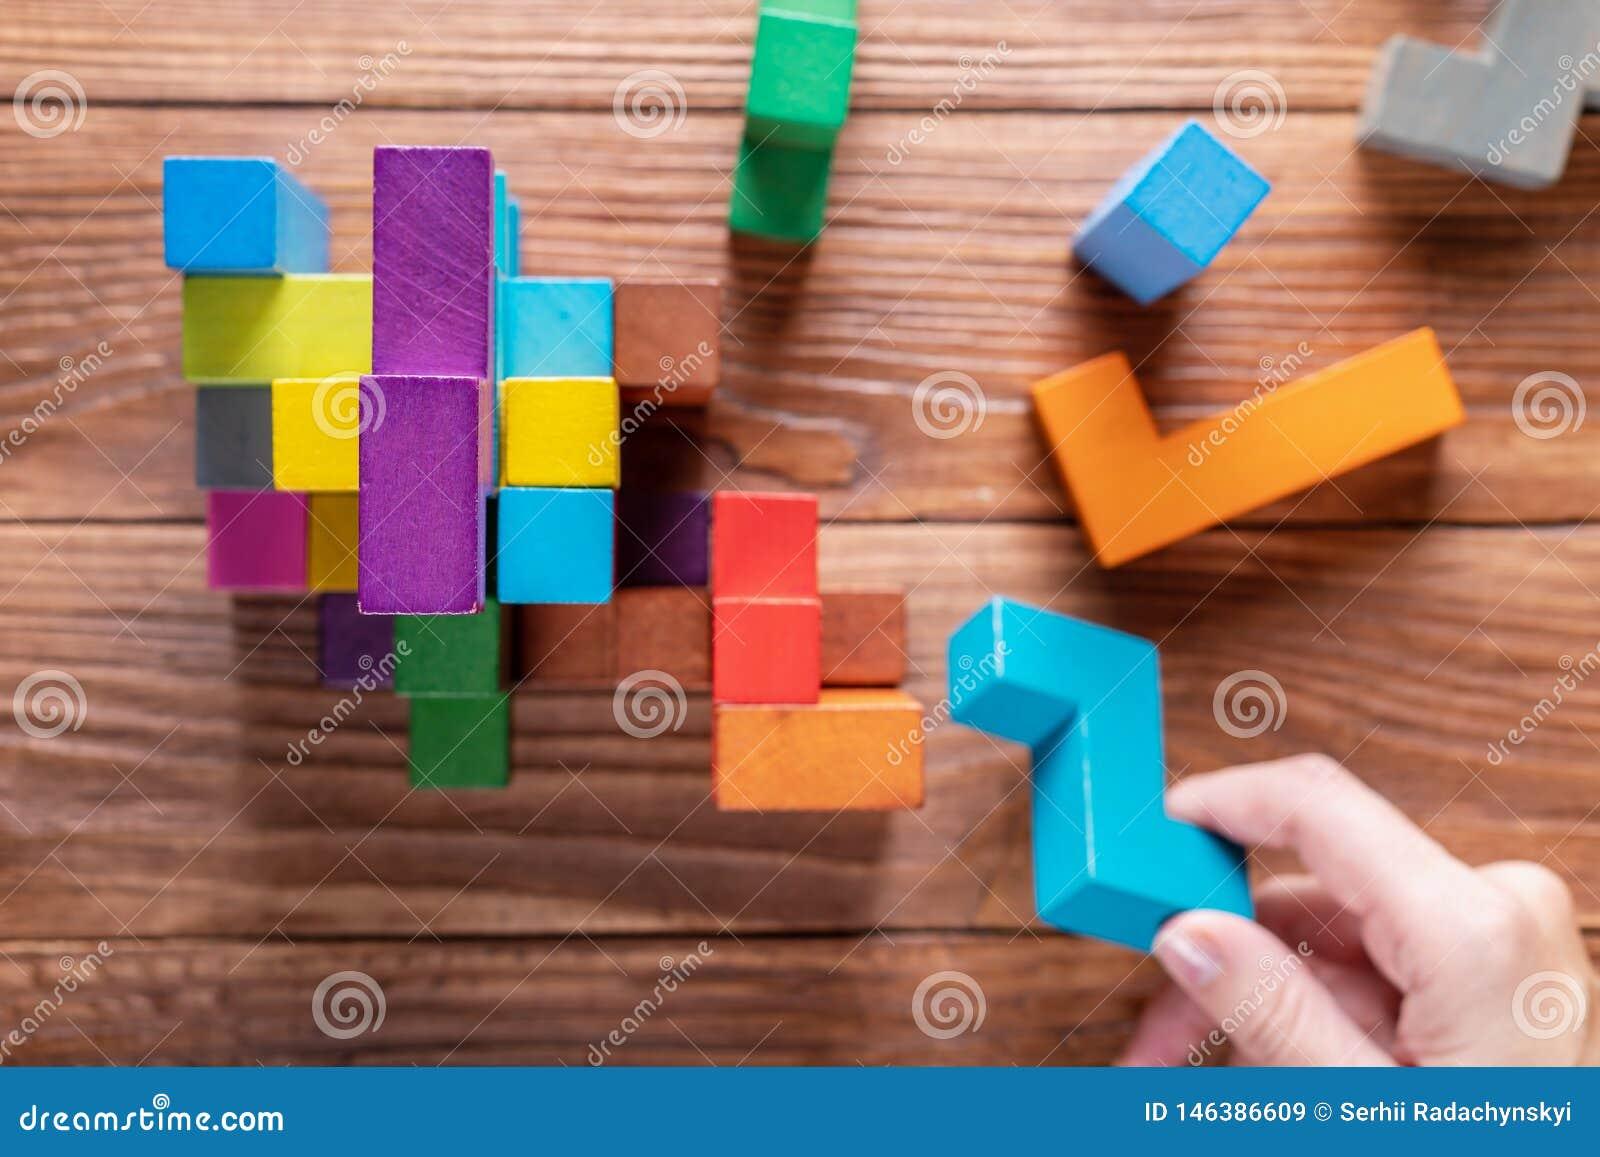 Концепция процесса принятия решения, логического мышления Рука держа деревянный элемент головоломки